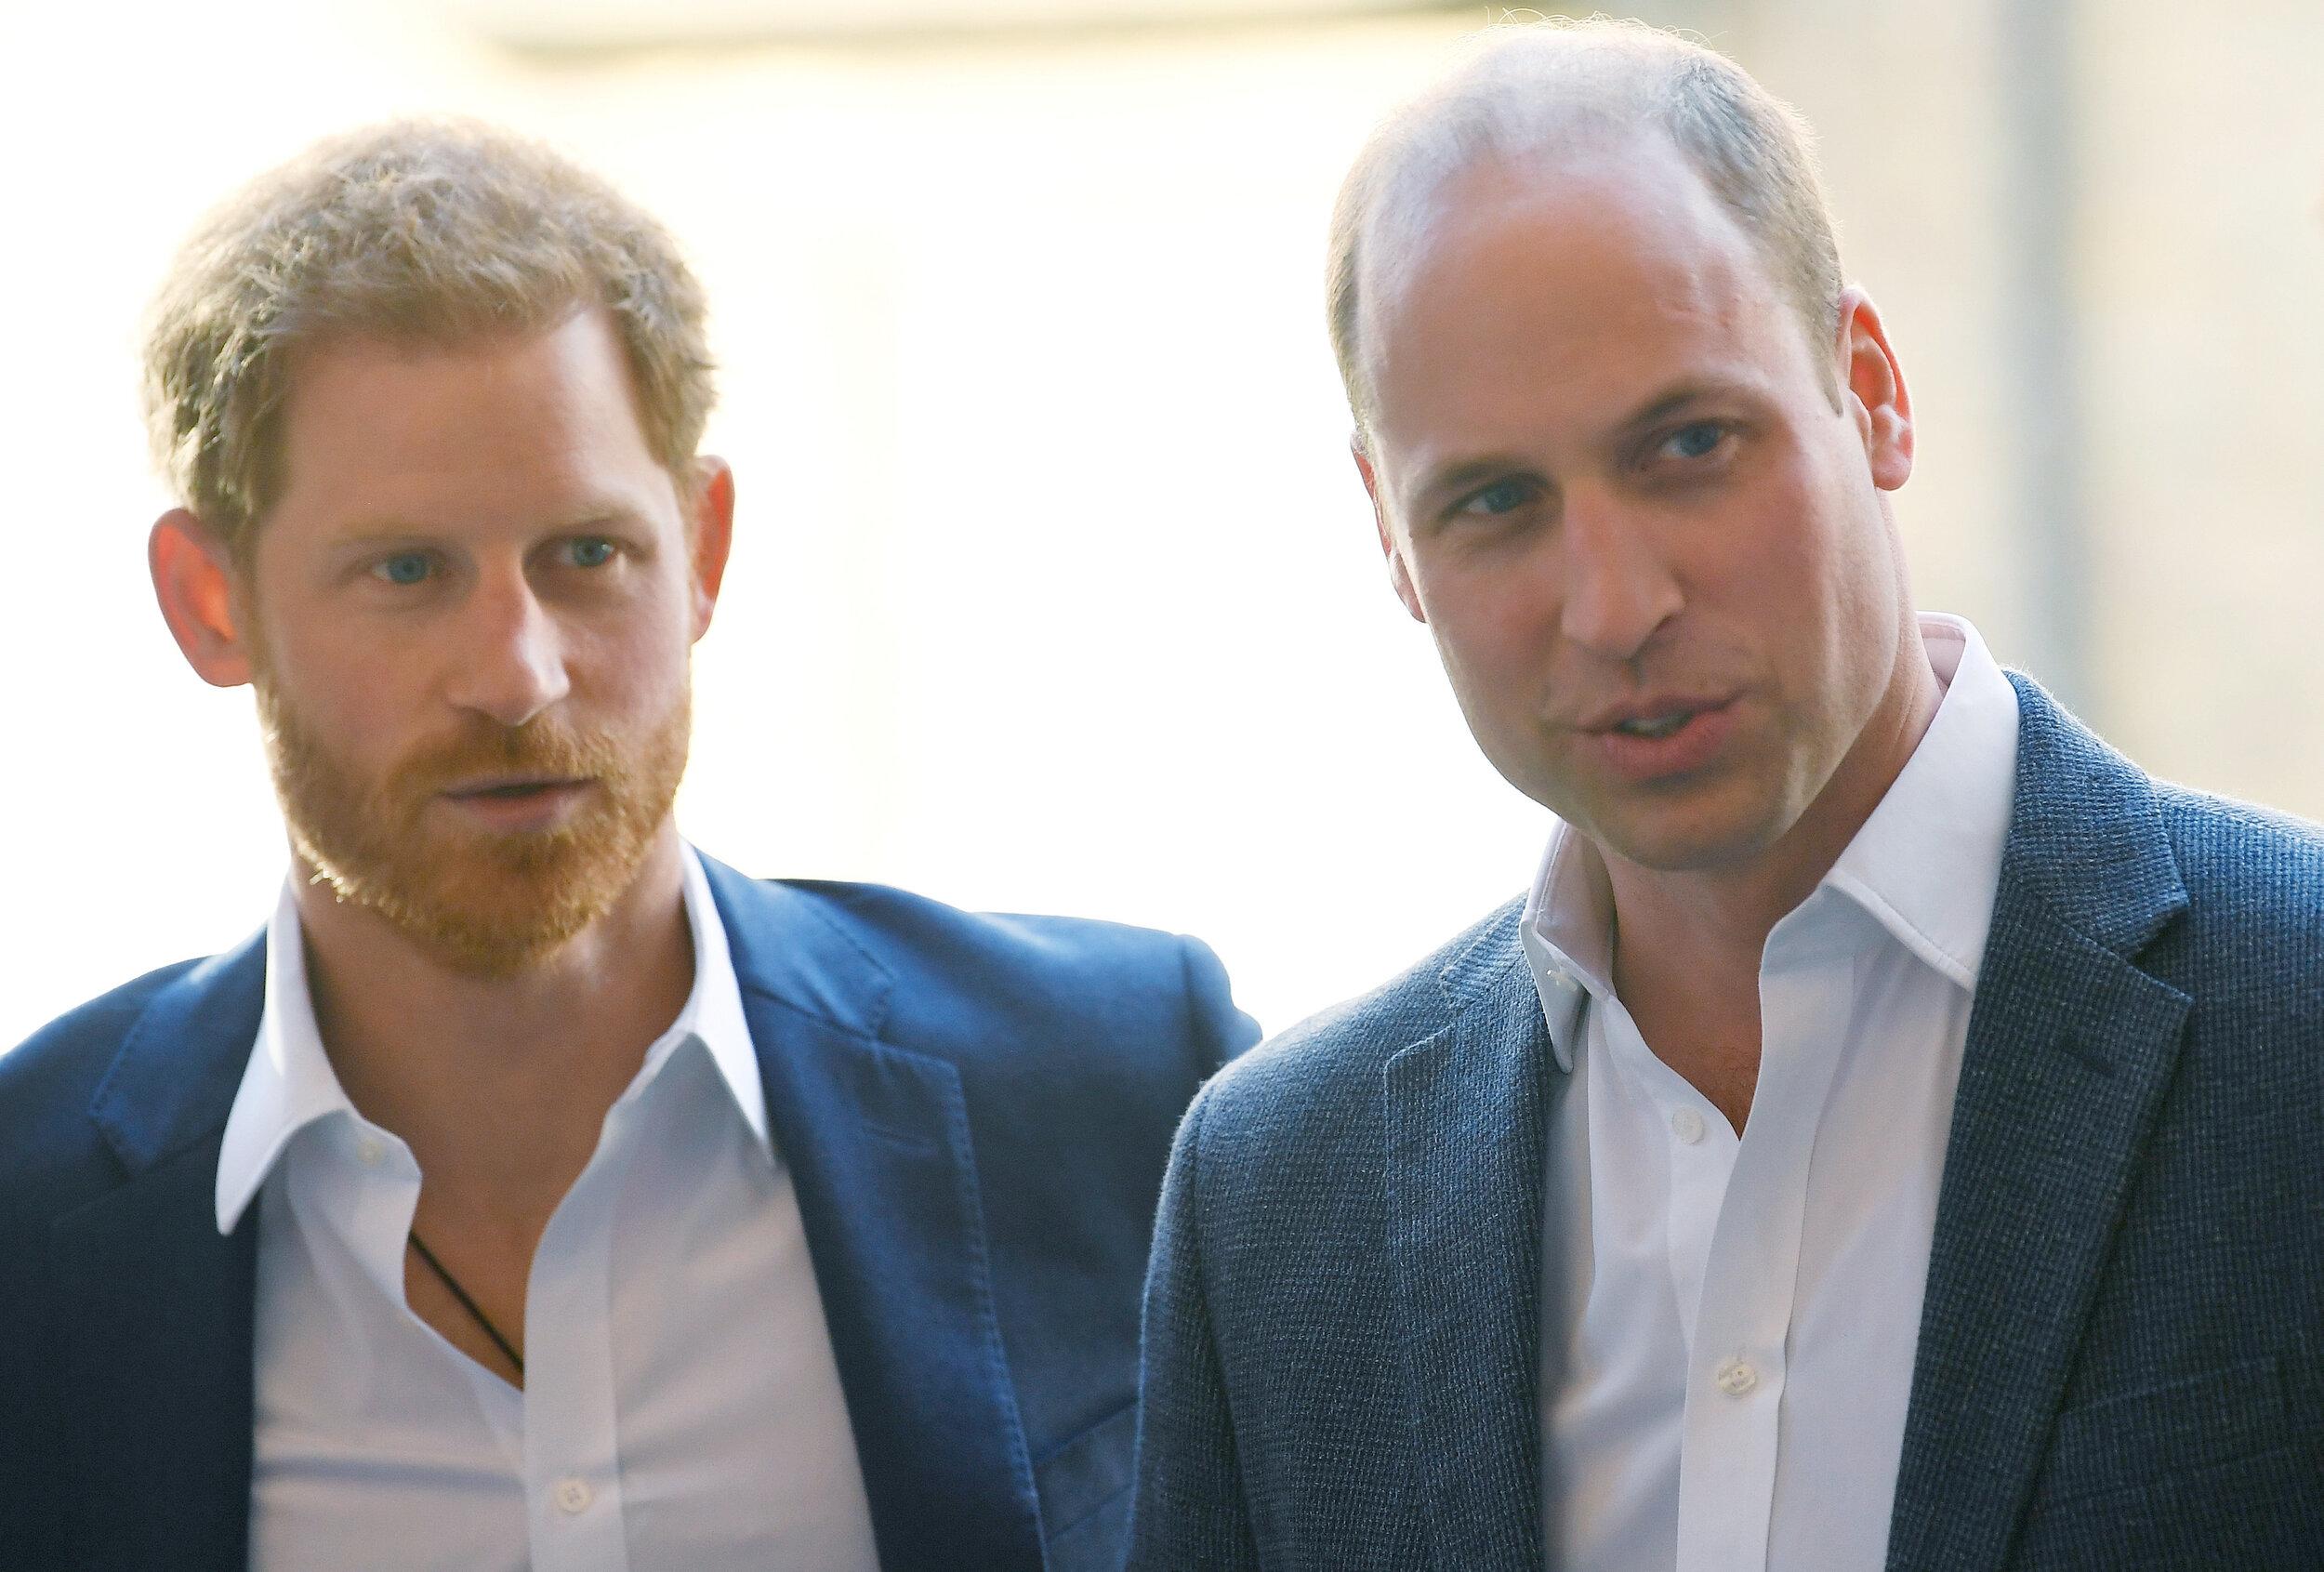 Prinz Harry und Prinz William: Das sind ihre Stiefgeschwister